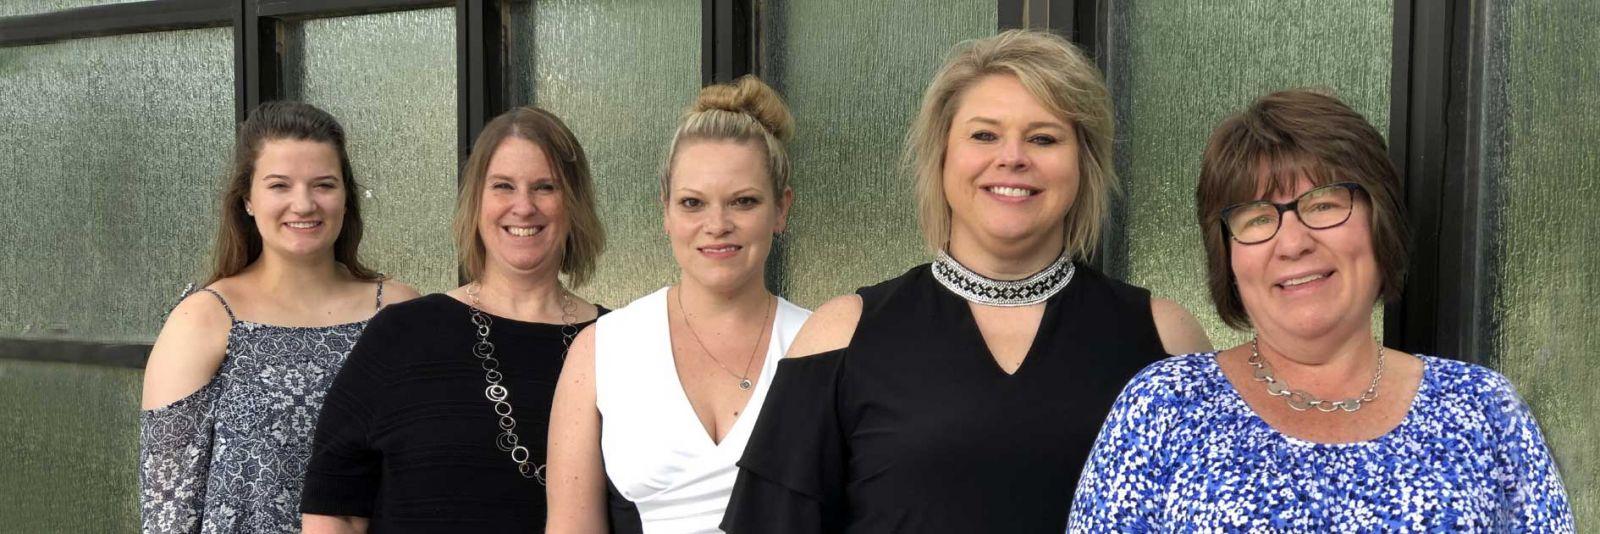 financial aid team